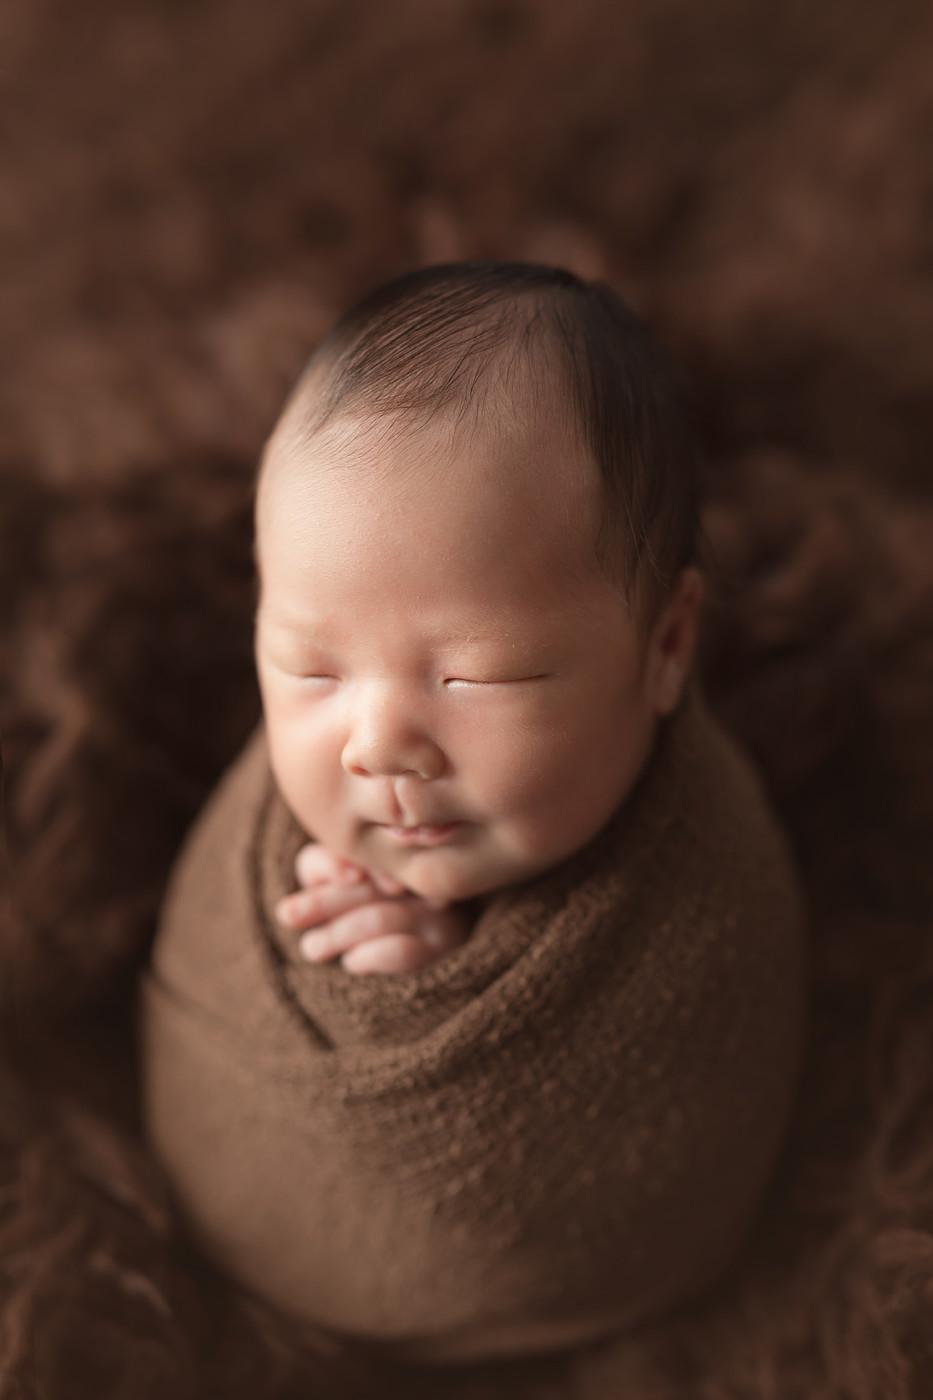 #蒙古族的宏格尔#新生儿客片欣赏1